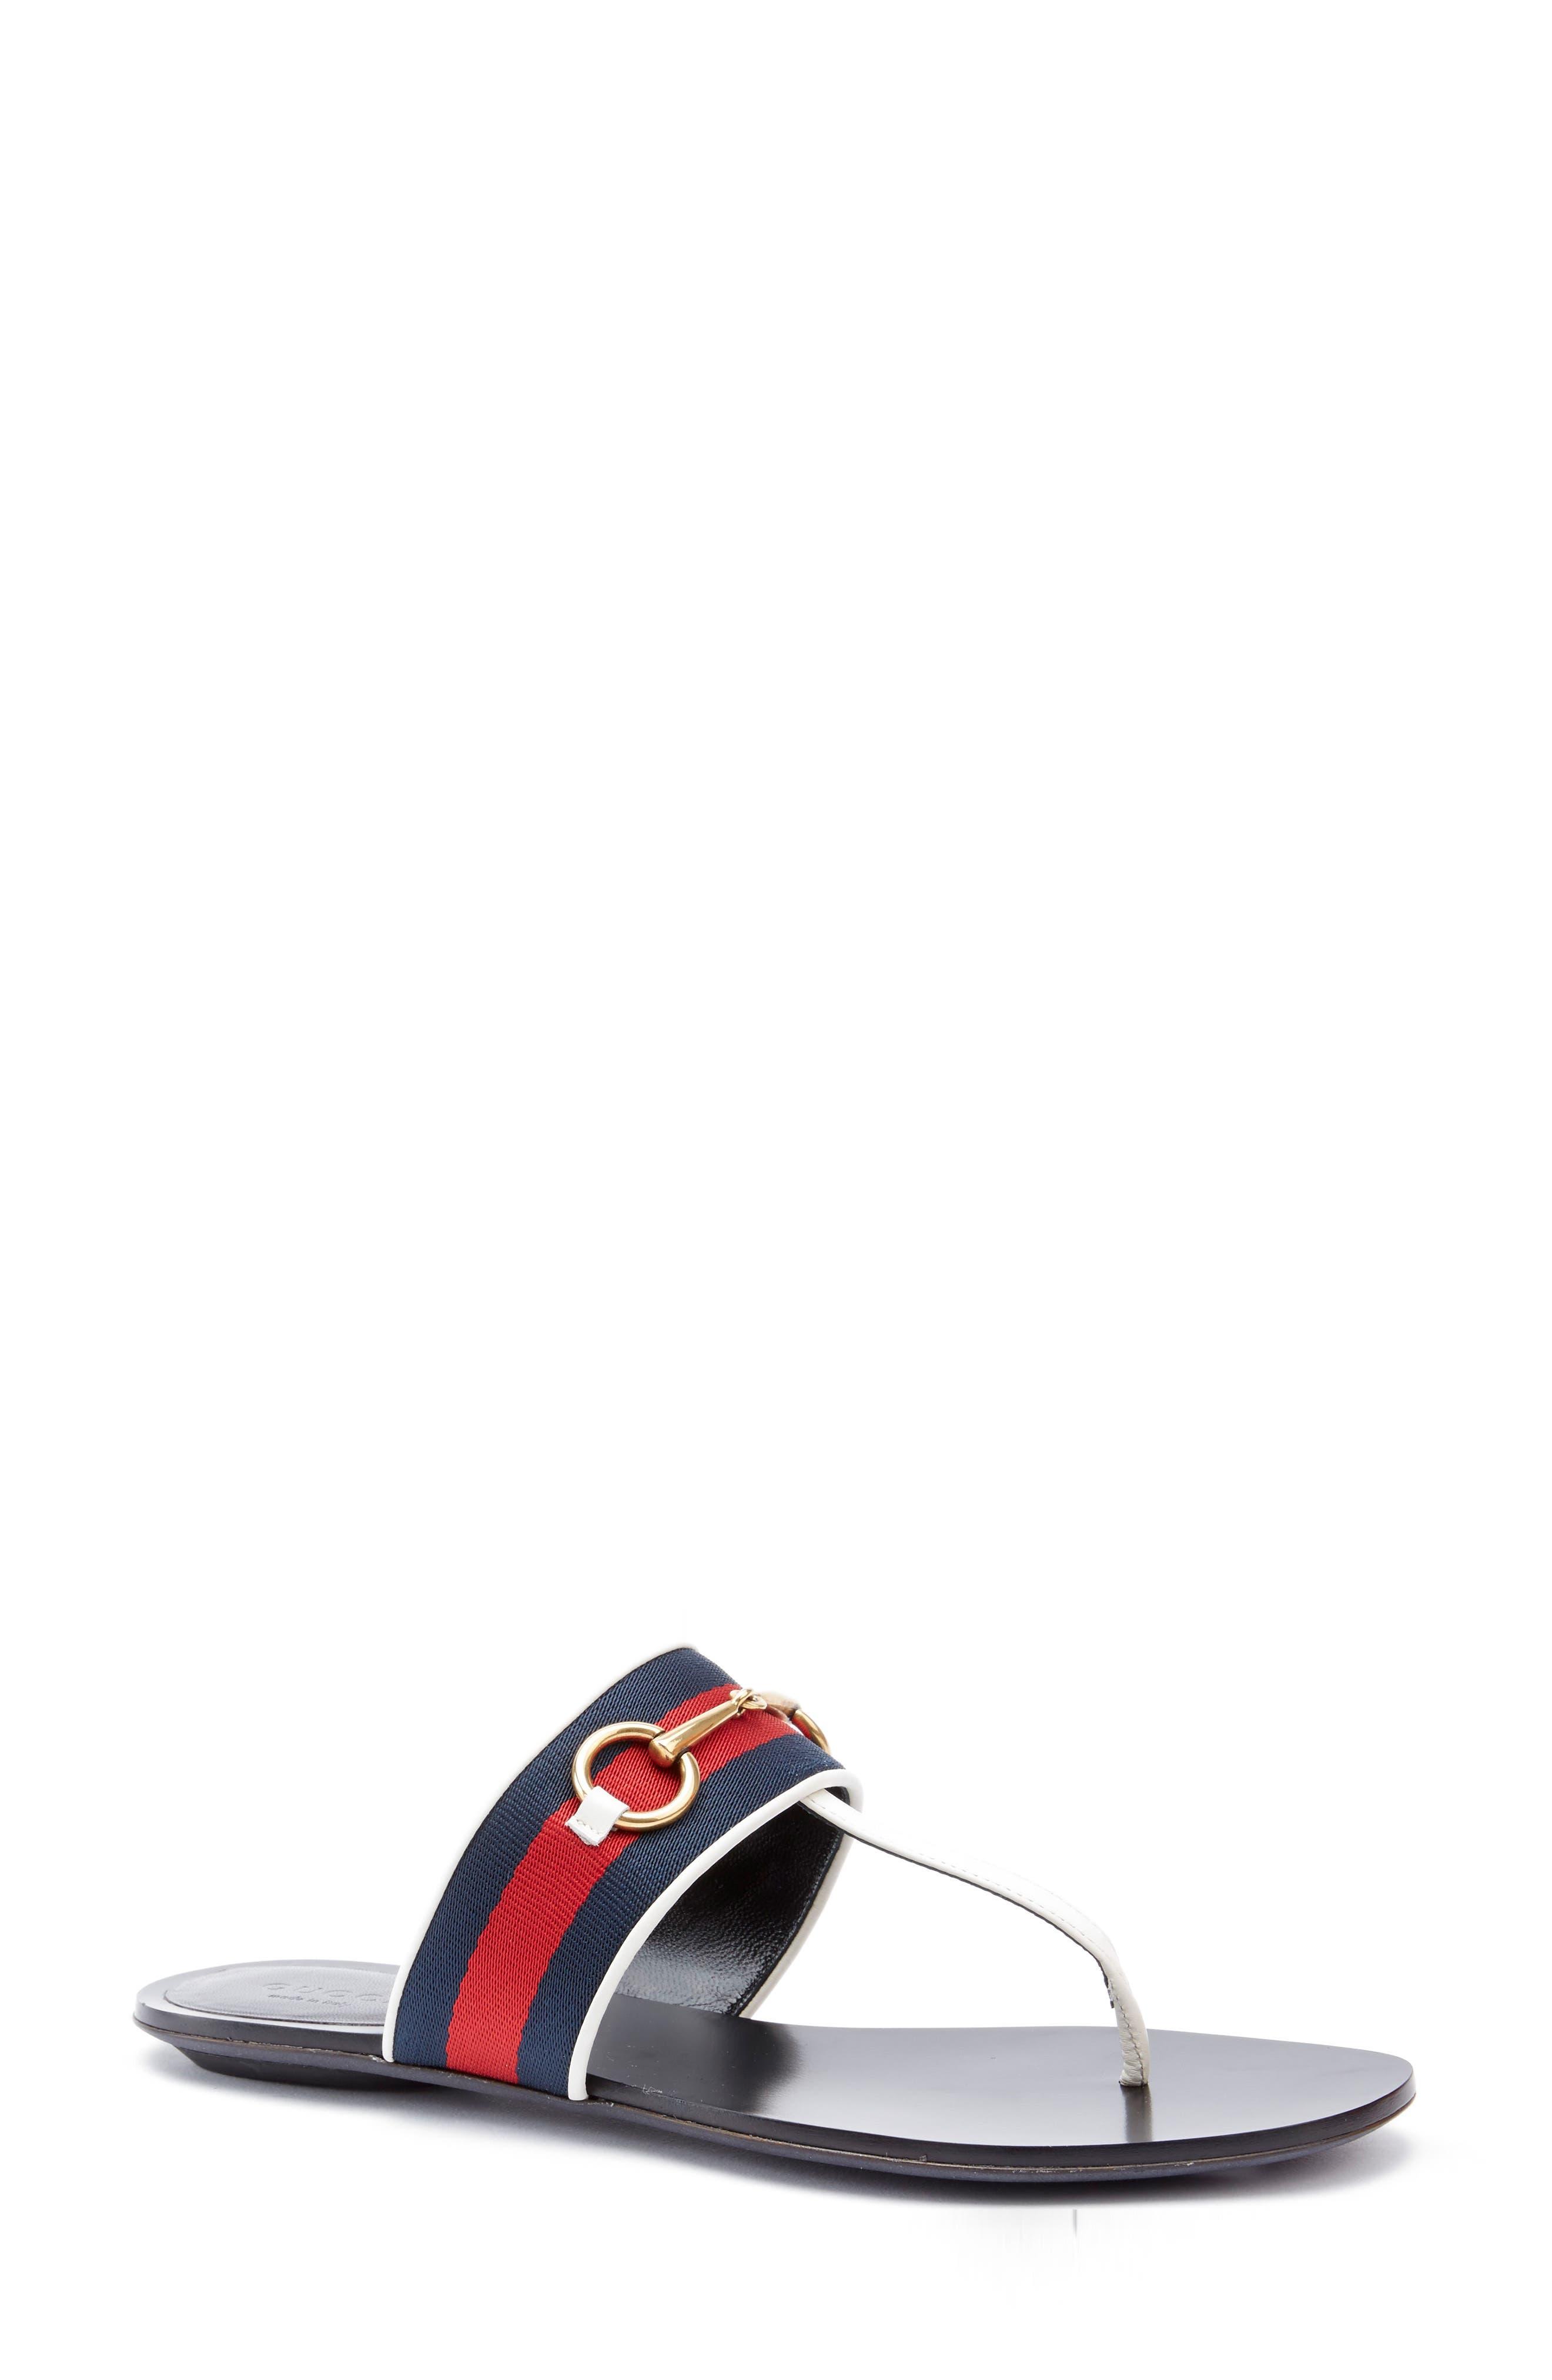 Querelle Sandal,                         Main,                         color, 100